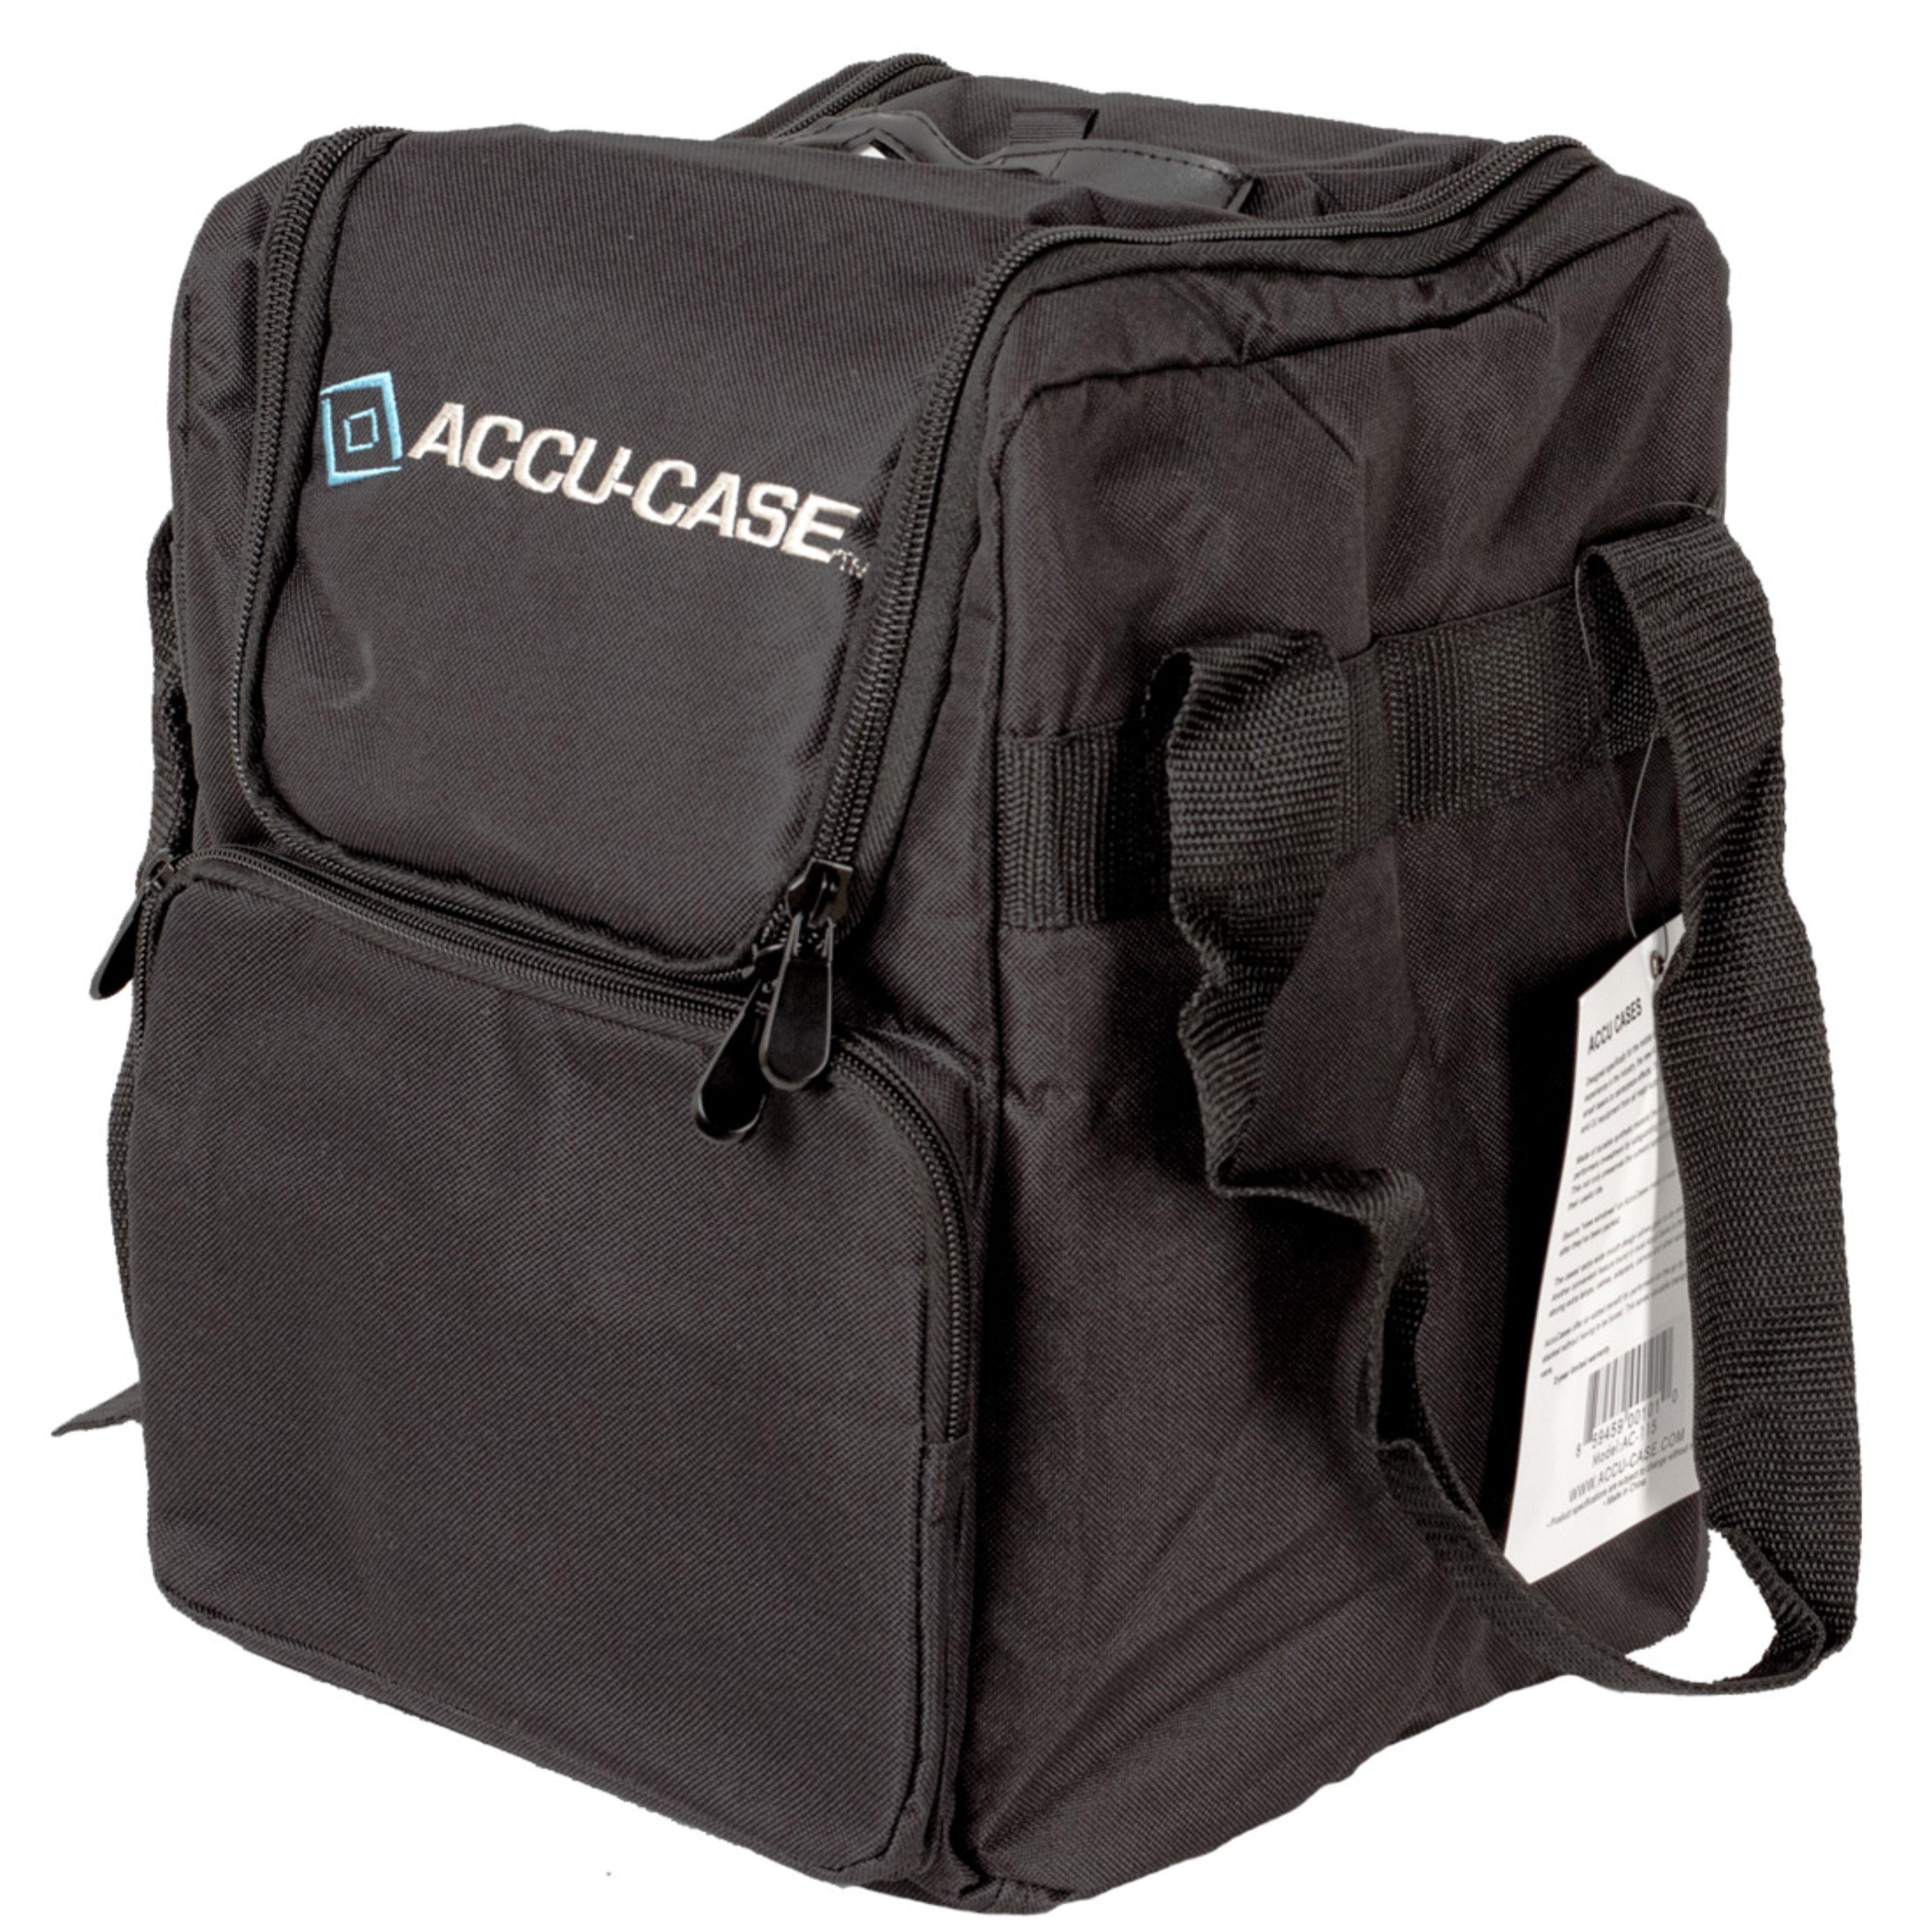 Accu Case - ASC-AC-115 Transporttasche 230 x 230 x 310 mm